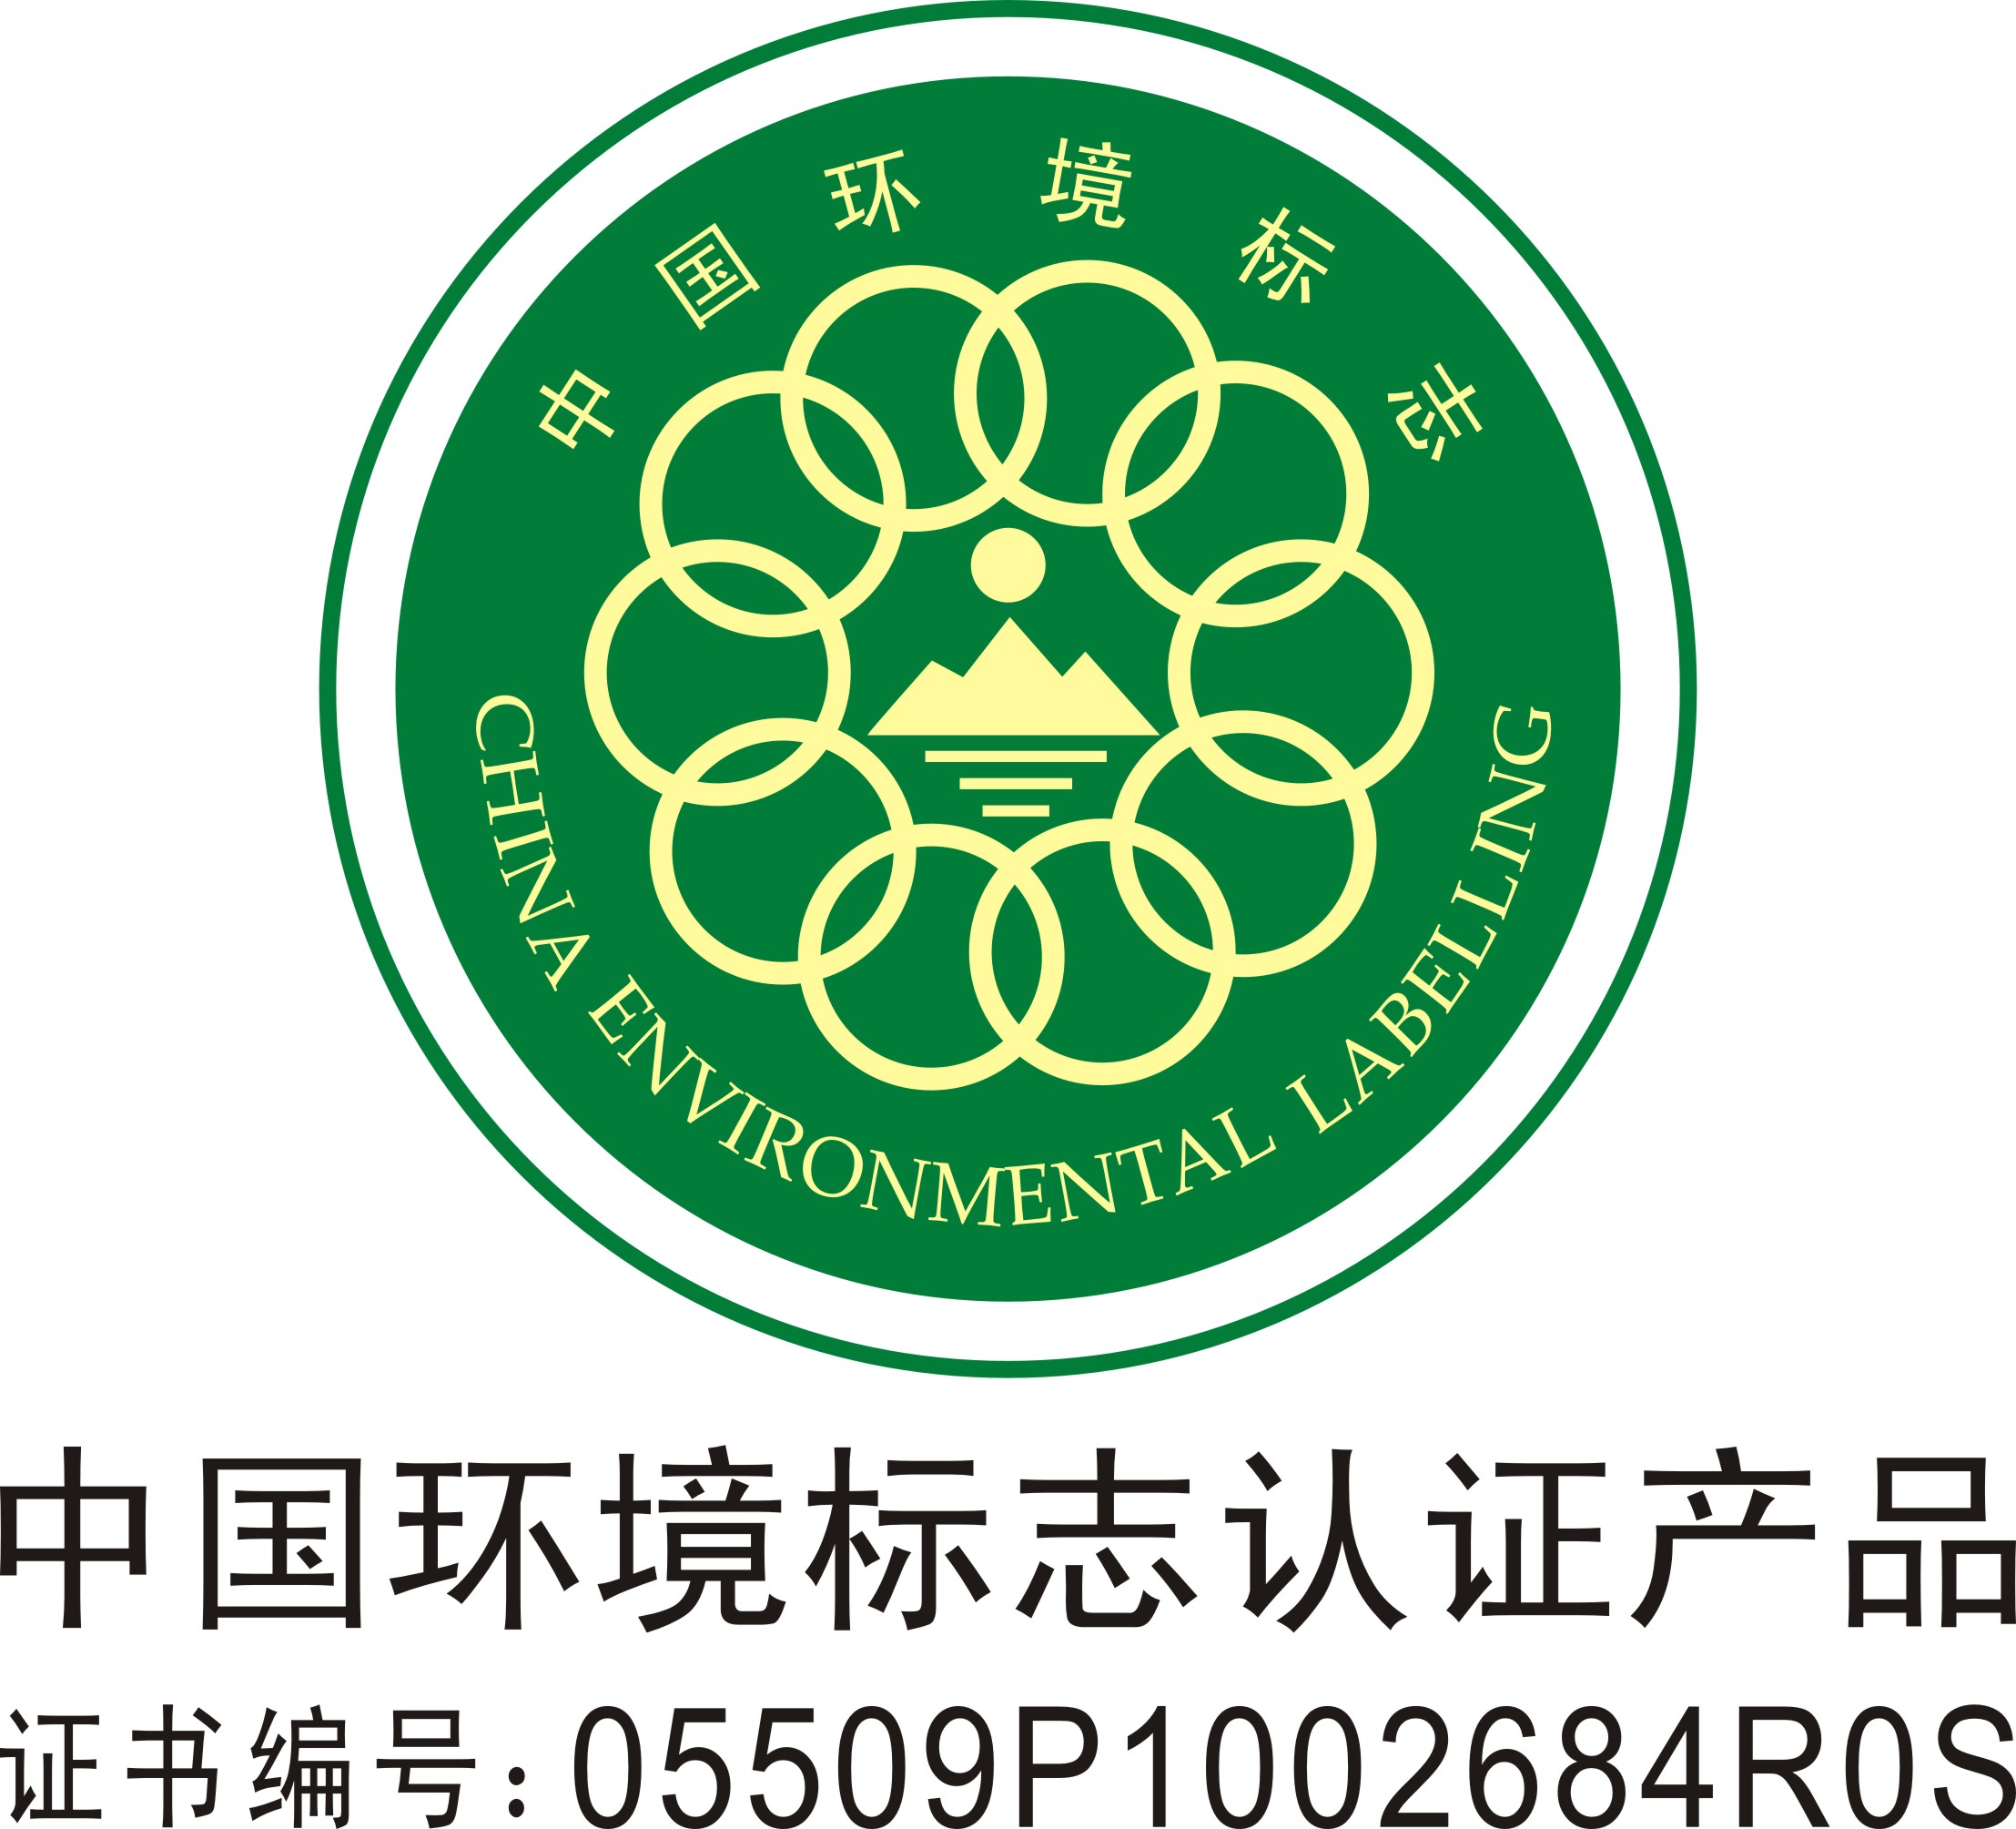 中国环境标志认证是绿色产品的权威认证,是由国家环保总局直接颁布